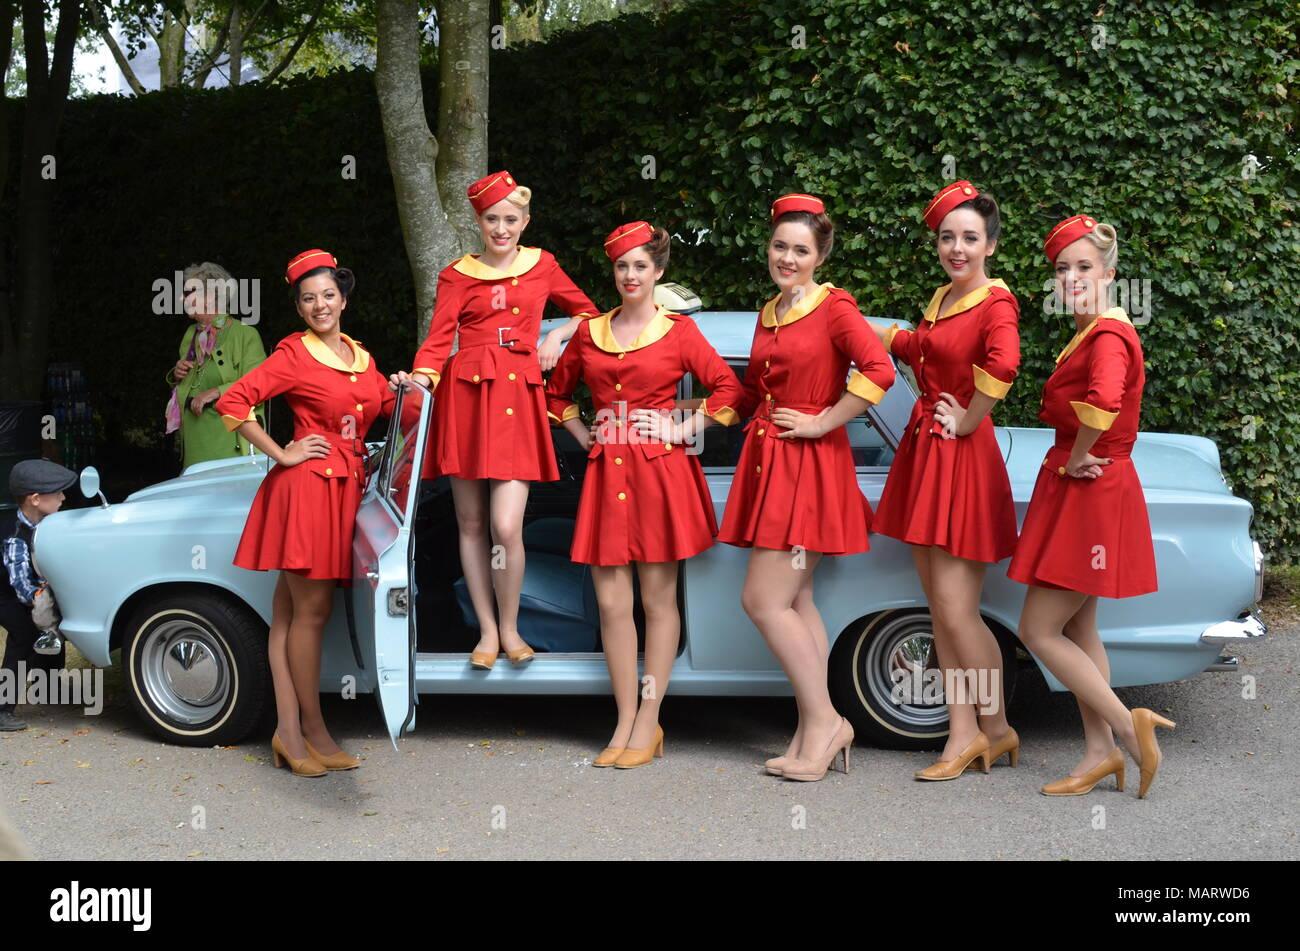 Mädchen in Taxi Uniformen im Rahmen der Goodwood Revival 2014 Fall jedes Jahr an der West Sussex Motor Circuit statt. Stockbild